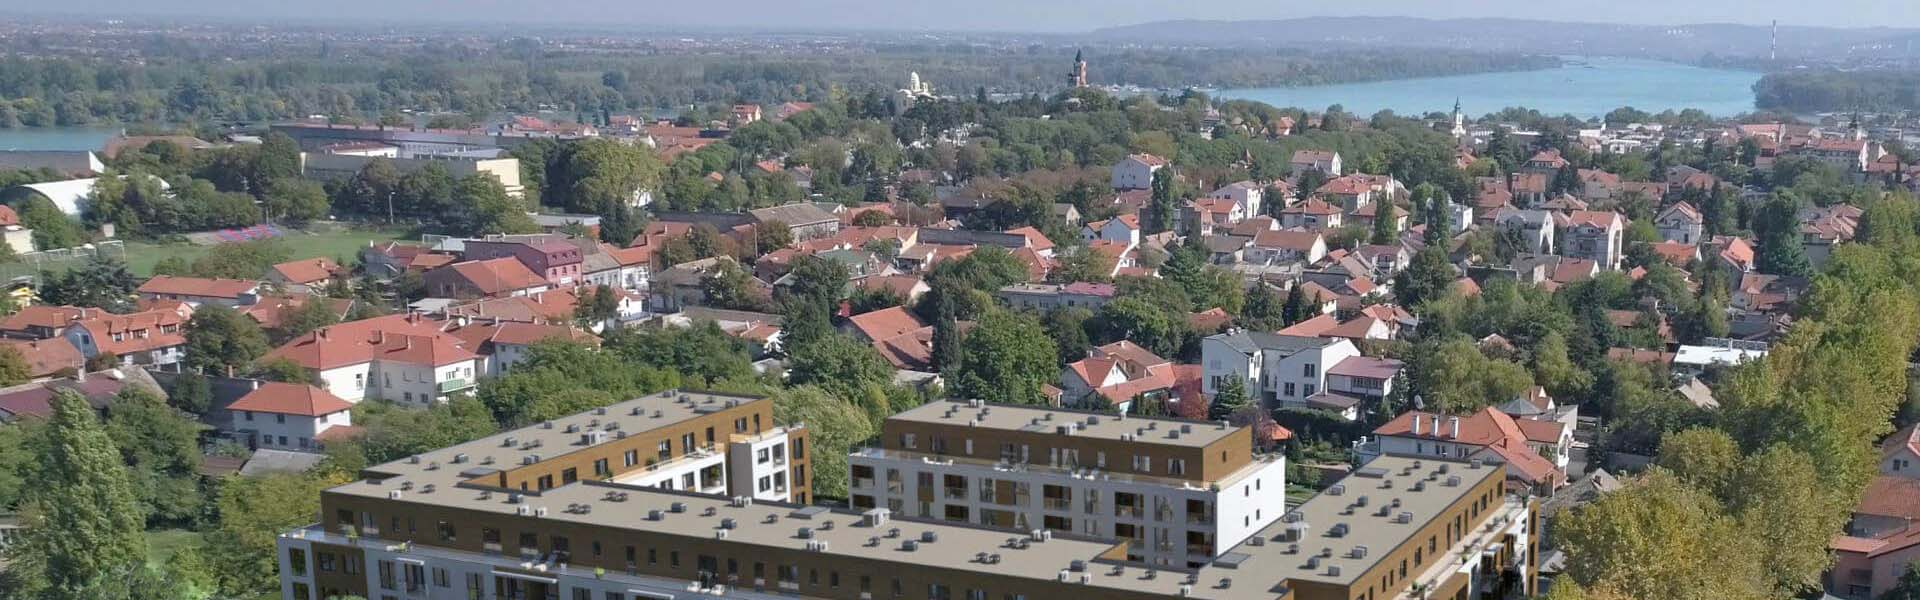 Dostava hrane Gornji grad   Beograd